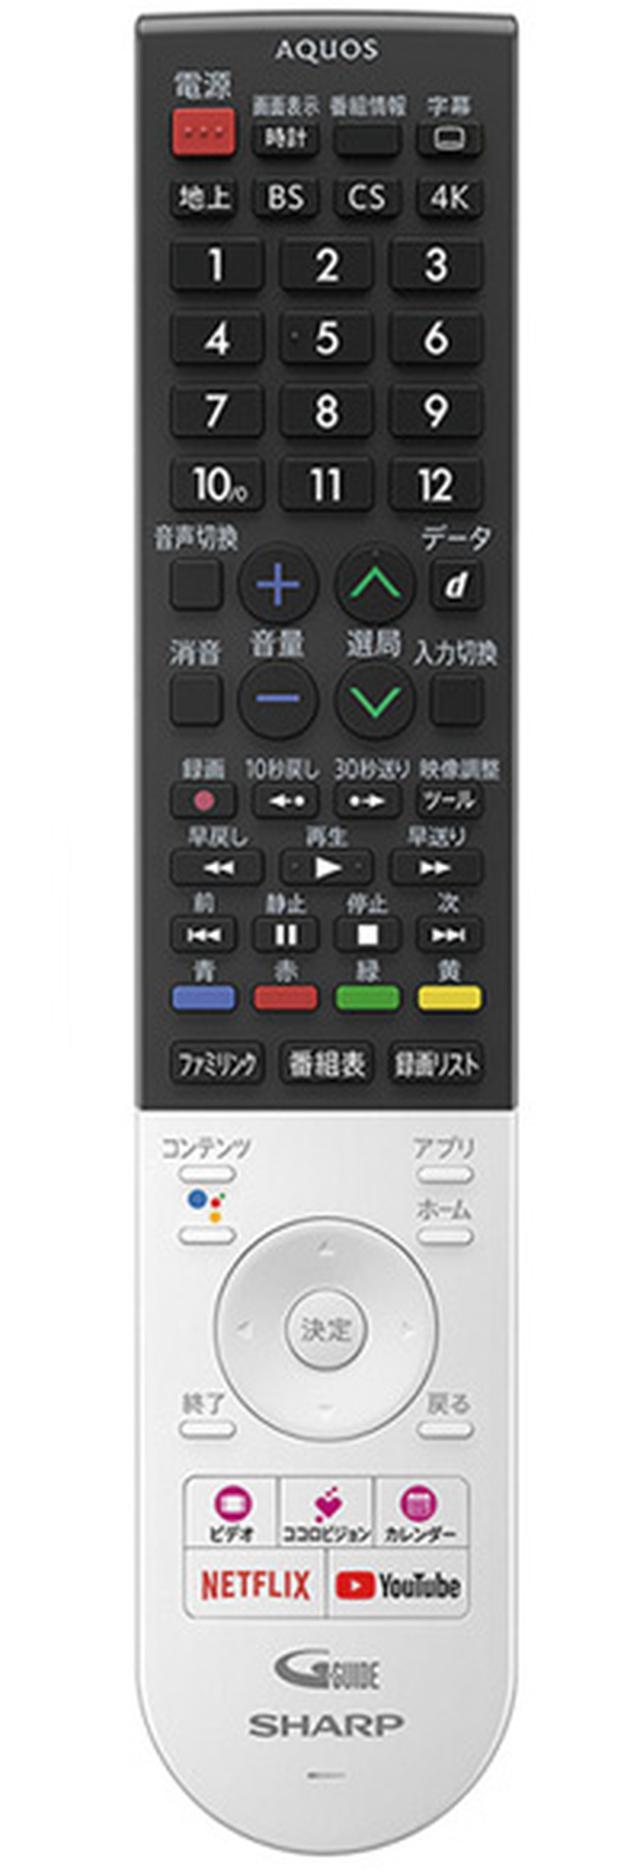 画像13: 【4Kテレビのおすすめ】2K/4K変換処理の性能がアップ!評価の高い15機種を徹底比較